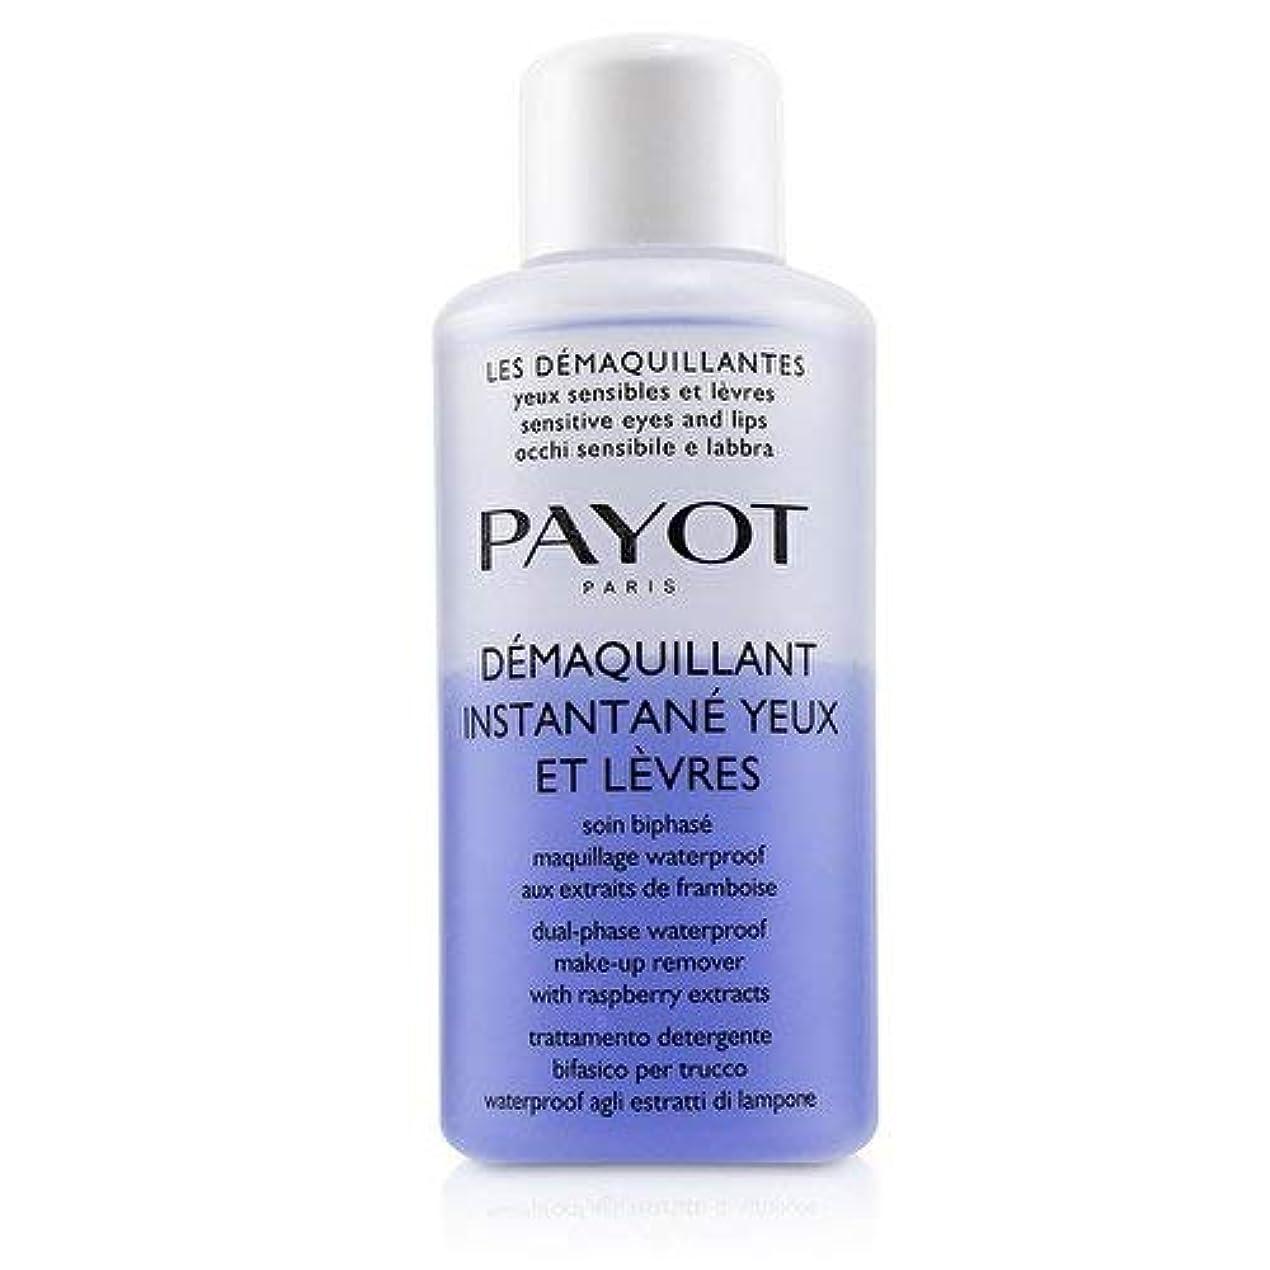 怖い株式店主パイヨ Les Demaquillantes Demaquillant Instantane Yeux Dual-Phase Waterproof Make-Up Remover - For Sensitive Eyes...